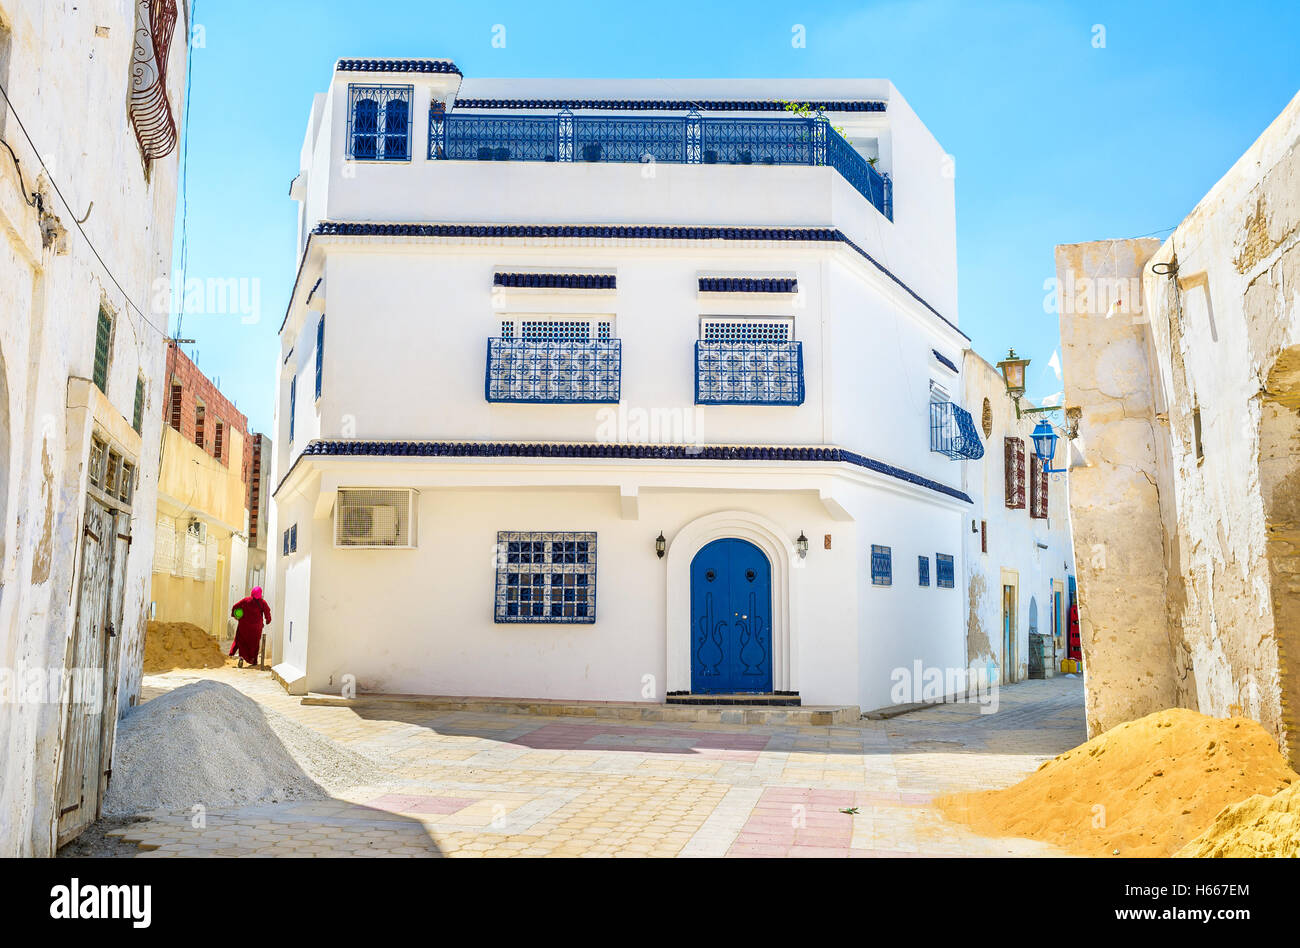 La grande casa, come per la vecchia medina araba, all'incrocio, Kairouan, Tunisia. Immagini Stock